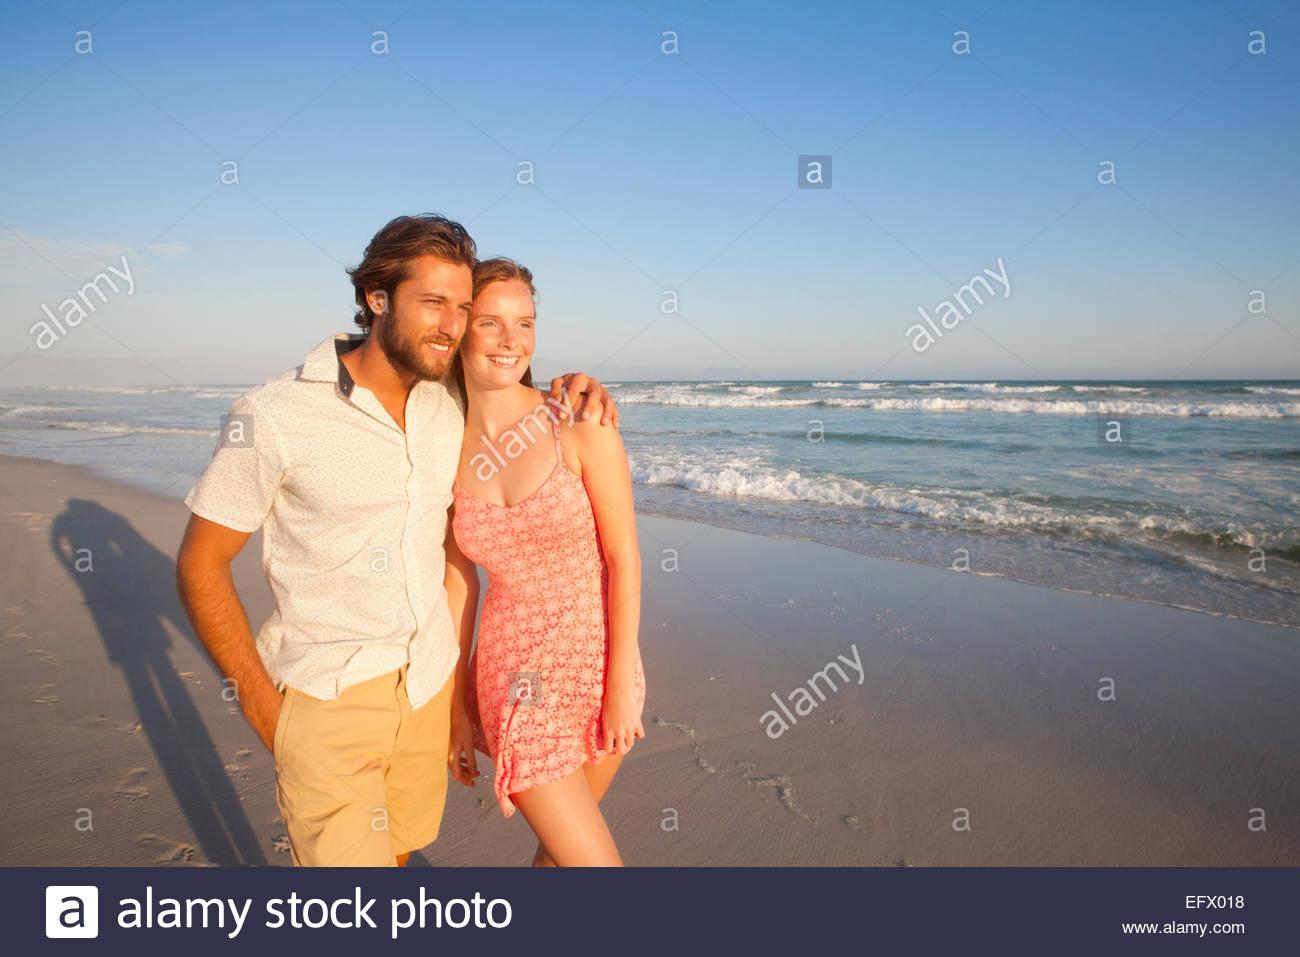 Lächelnde paar, Mann mit Arm Runde Frau, sonnigen Strand entlang spazieren Stockbild